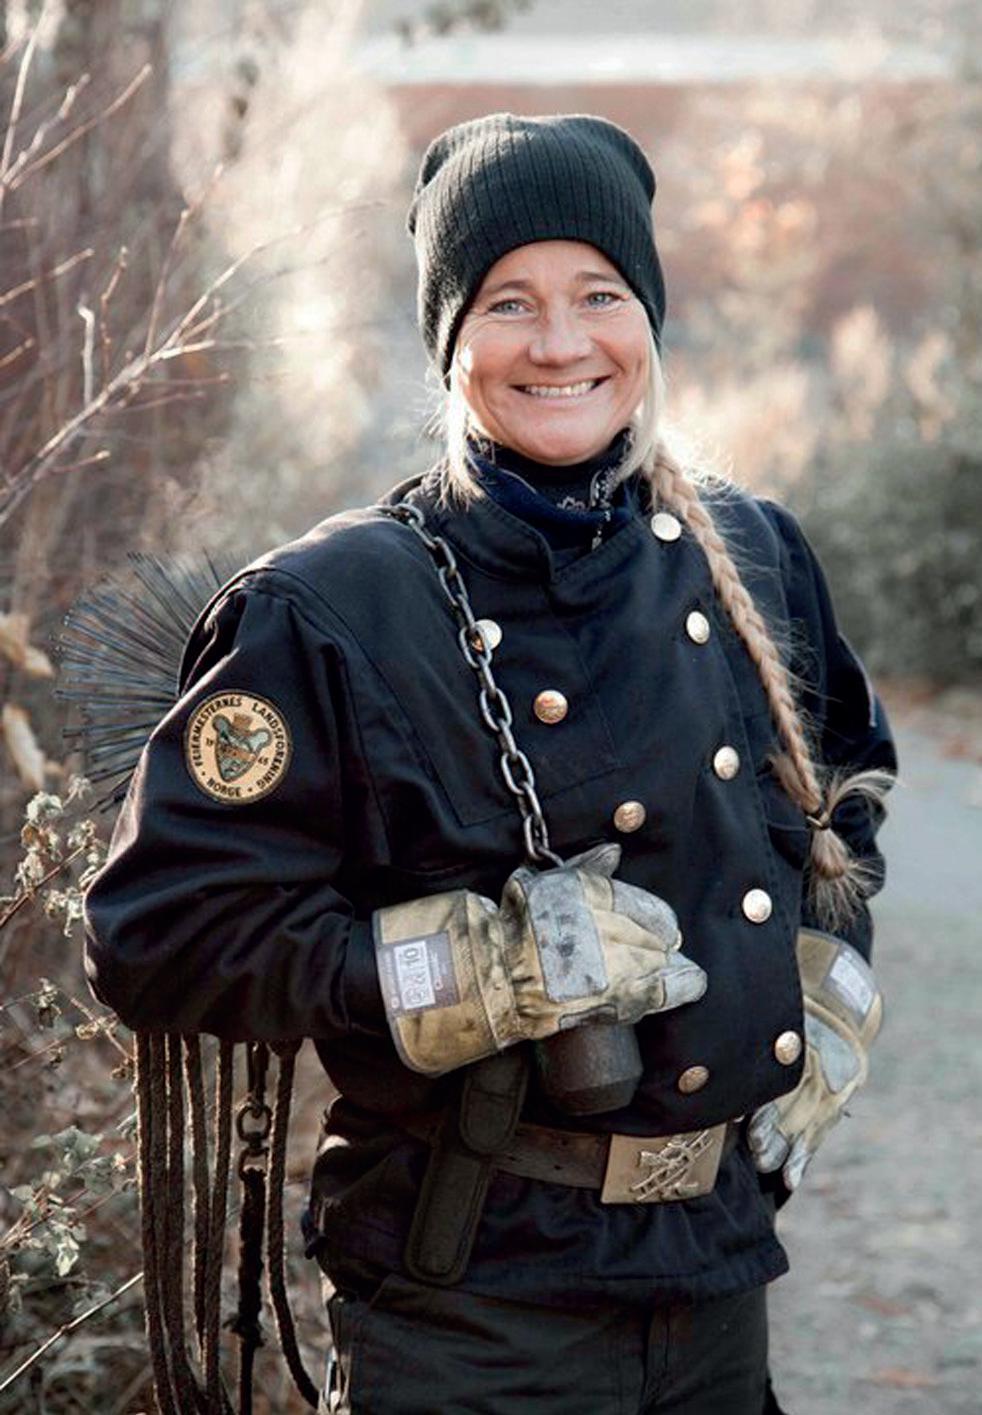 Kvinnelig feier i uniform smiler til fotografen